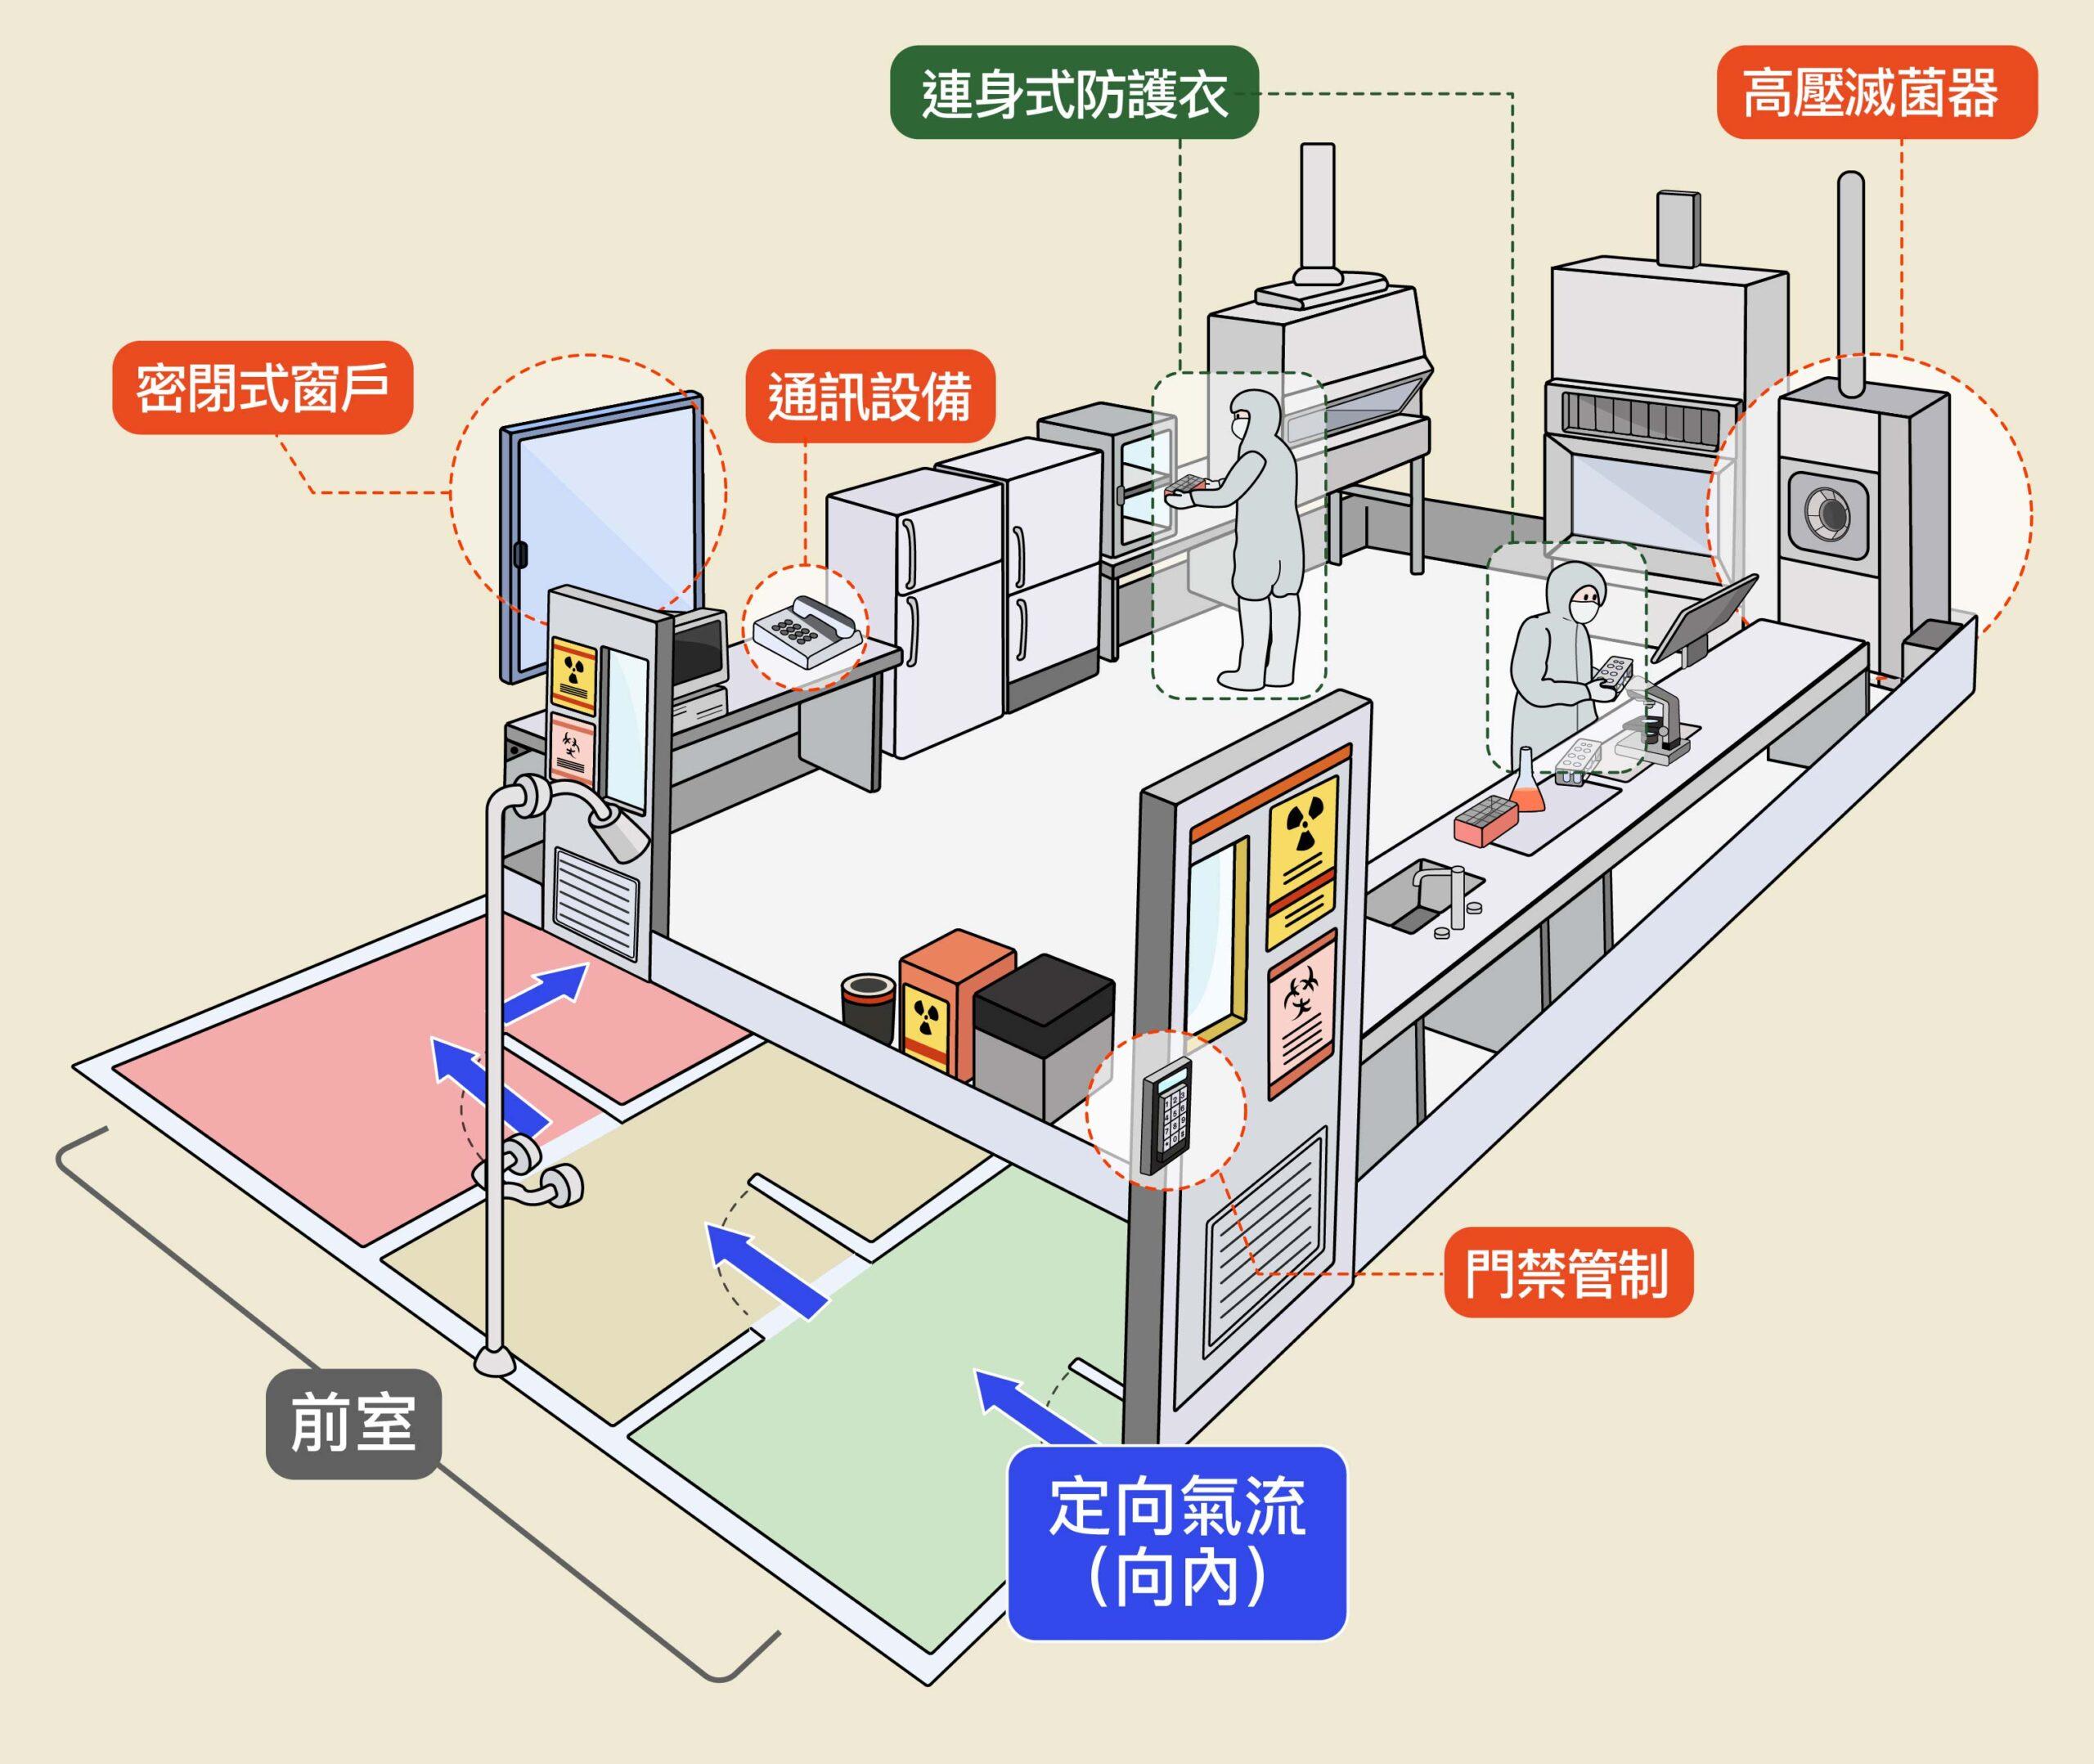 P3、P4 實驗室特點是內部的負壓呈梯度分布,越往裡面壓力越低 ,以防止氣流外洩。此外,實驗室必須具備高壓滅菌鍋,實驗用品必須經過高溫高壓、蒸氣滅菌之後才能取出,人員進與出也有規定的路線。圖│研之有物